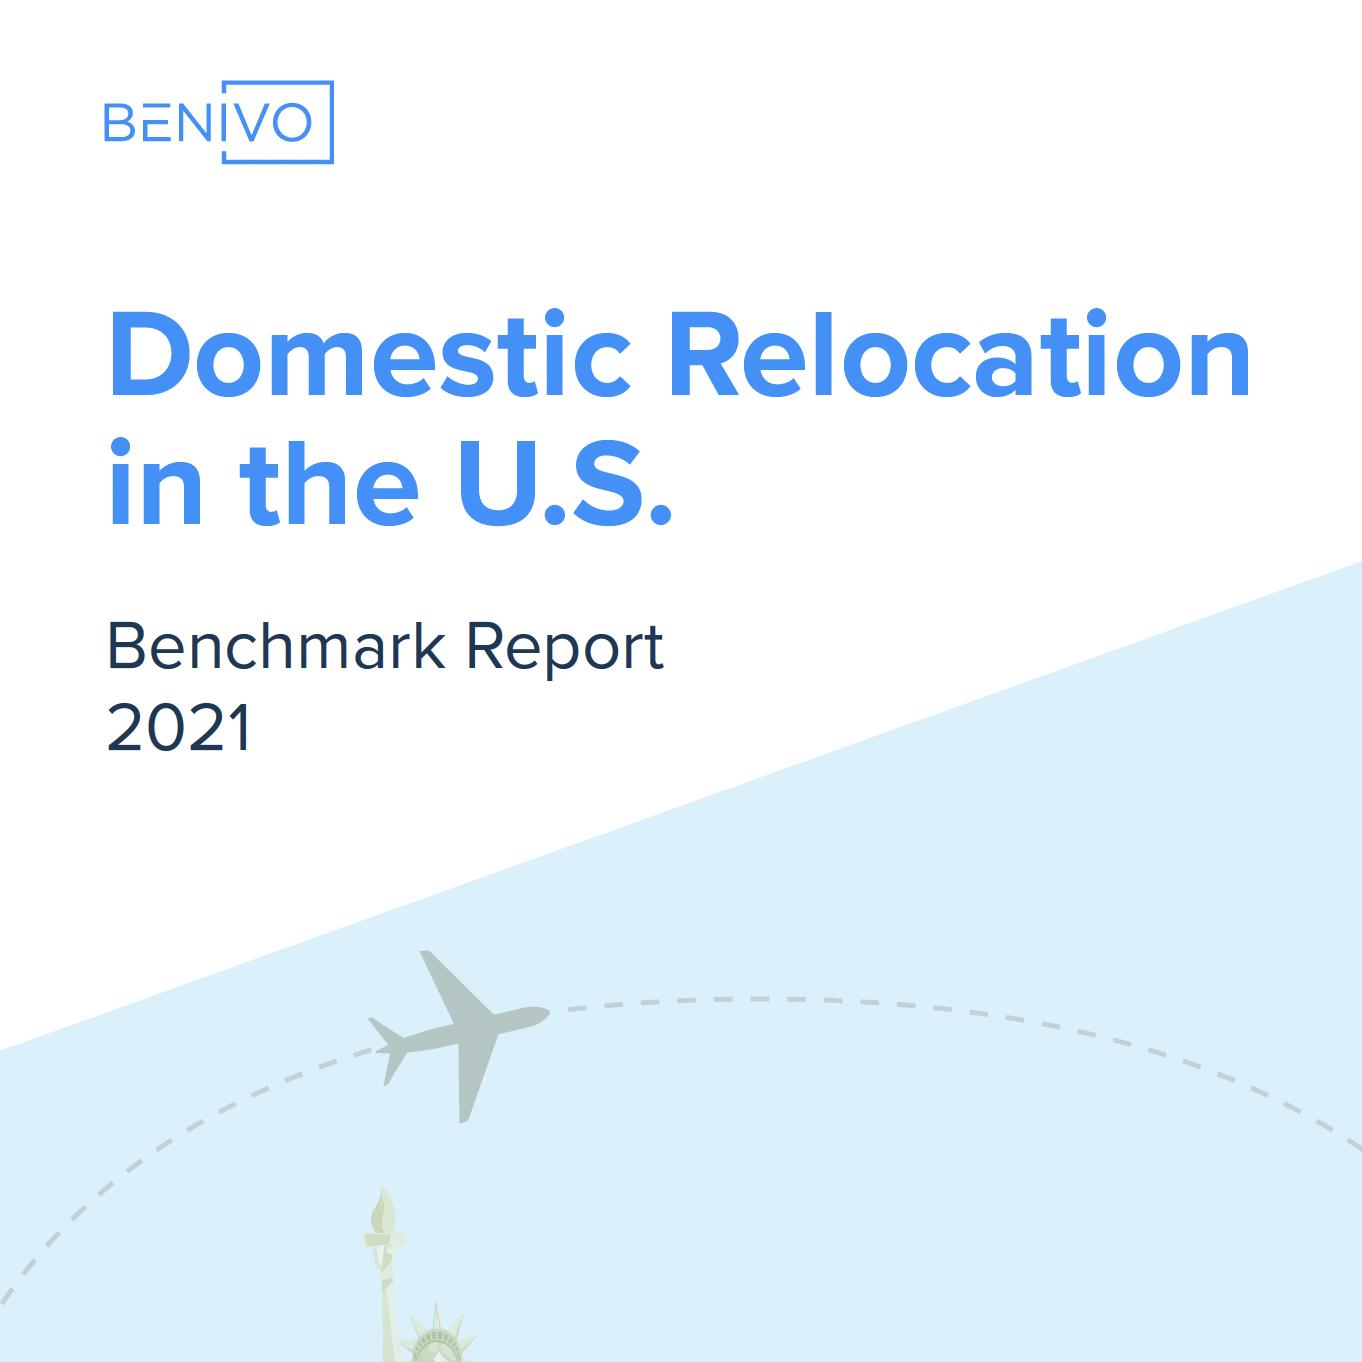 U.S.A. Domestic Relocation